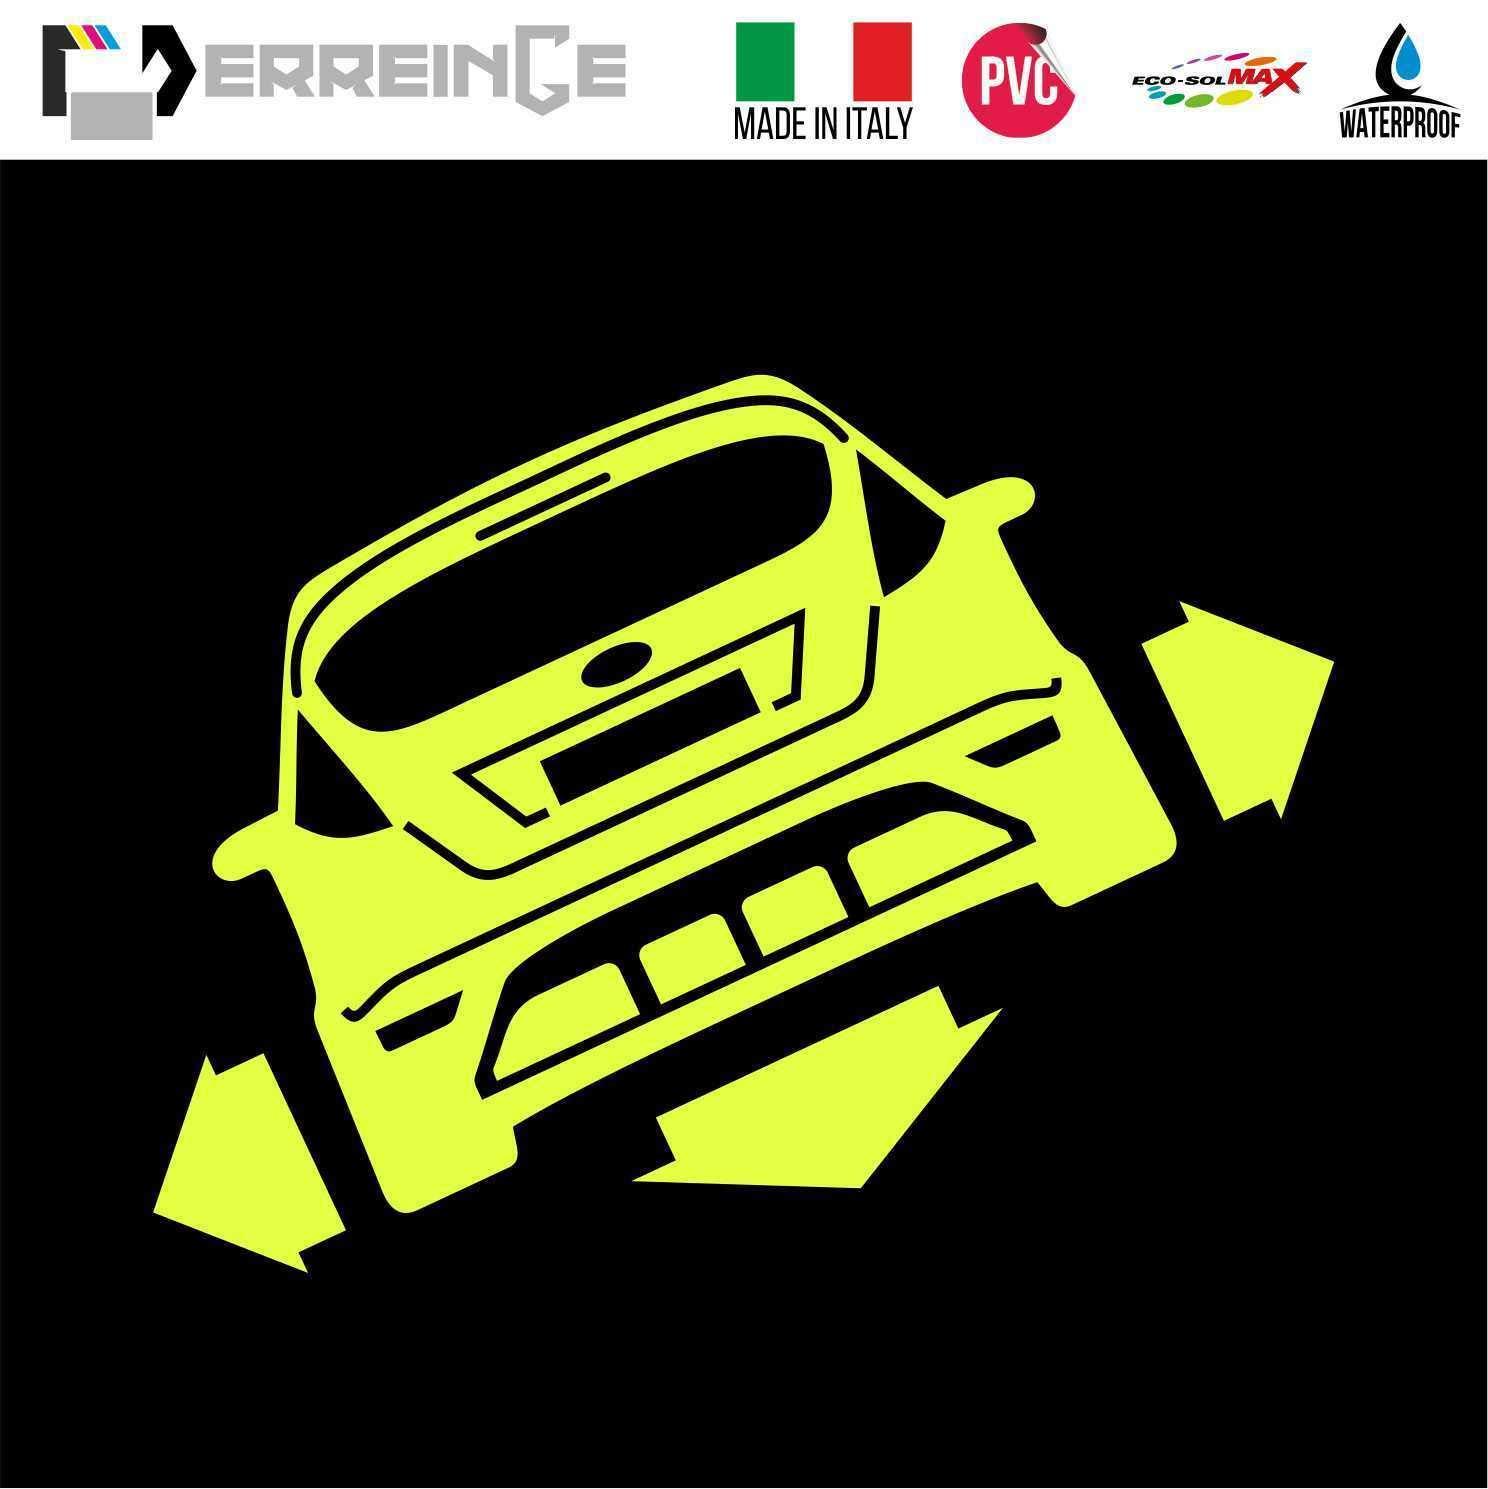 ERREINGE Sticker compatibile per FORD FIESTA DOWN OUT DUB JDM TUNING BIANCO Adesivo prespaziato in PVC per Auto Lunotto Finestrino cm 35